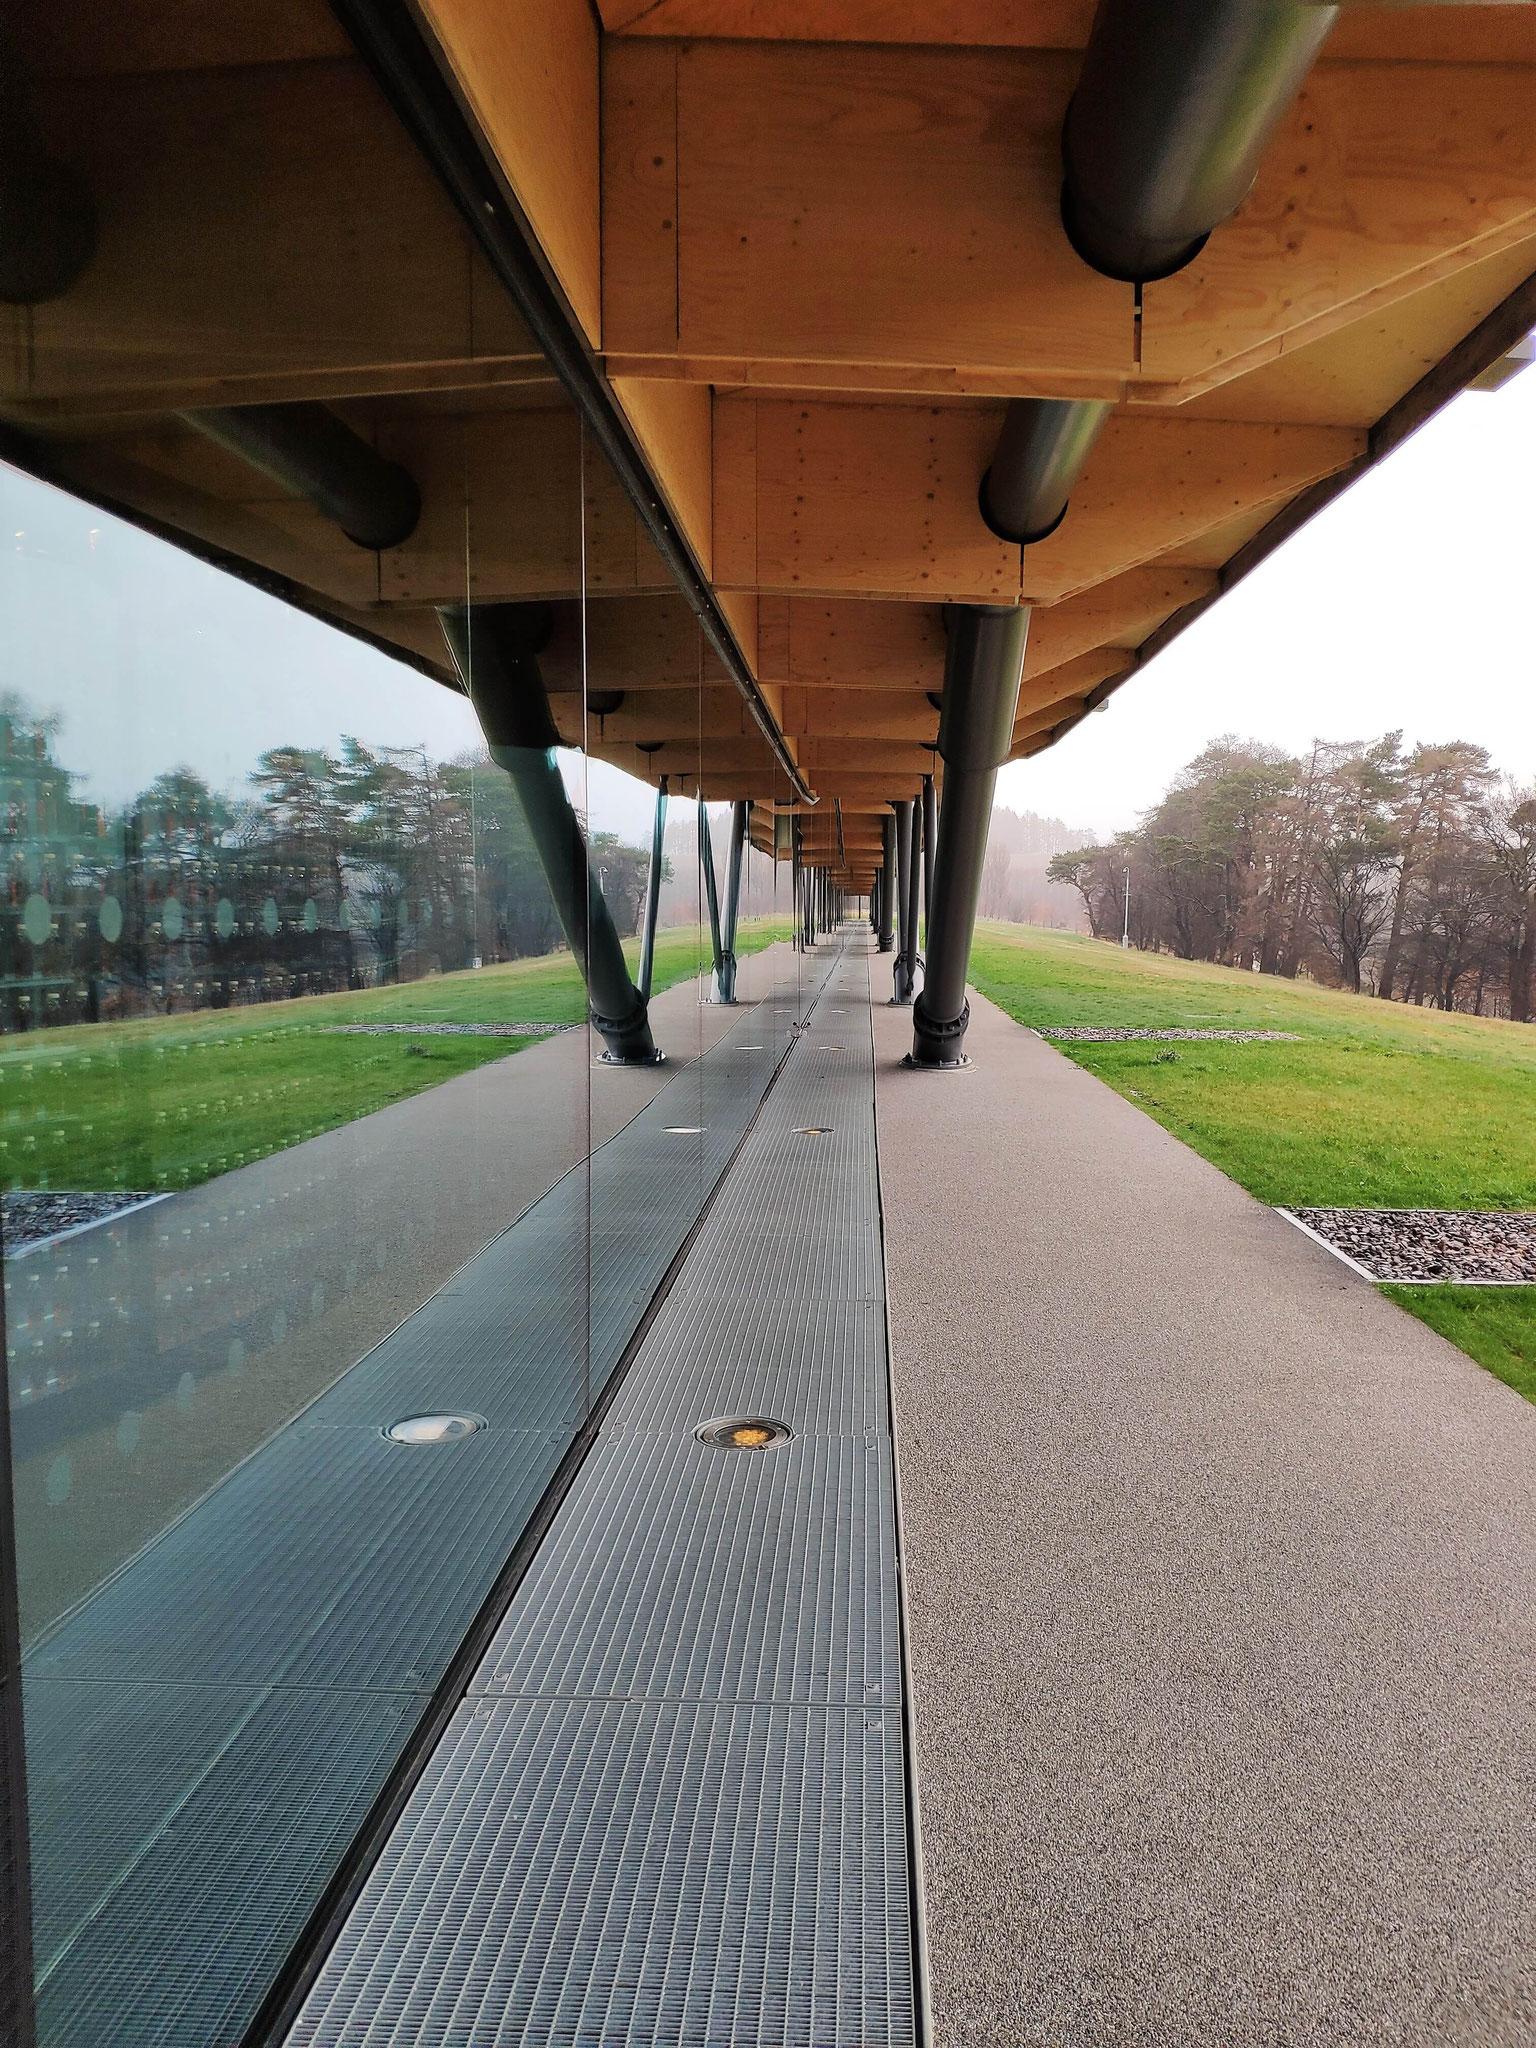 Von außen kann man direkt zum Gebäude gehen und erfährt so die volle Größe.